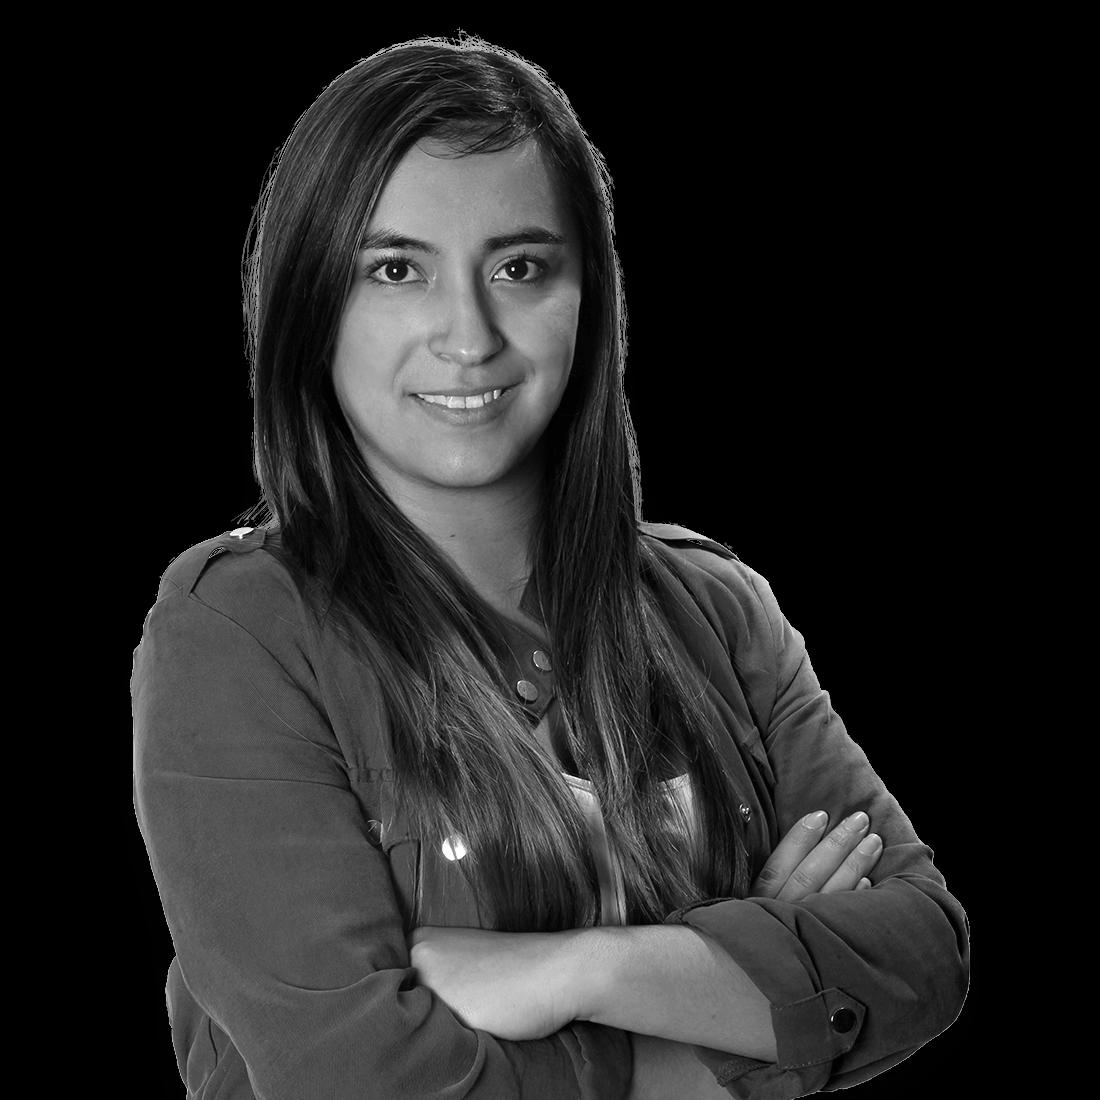 María Camila